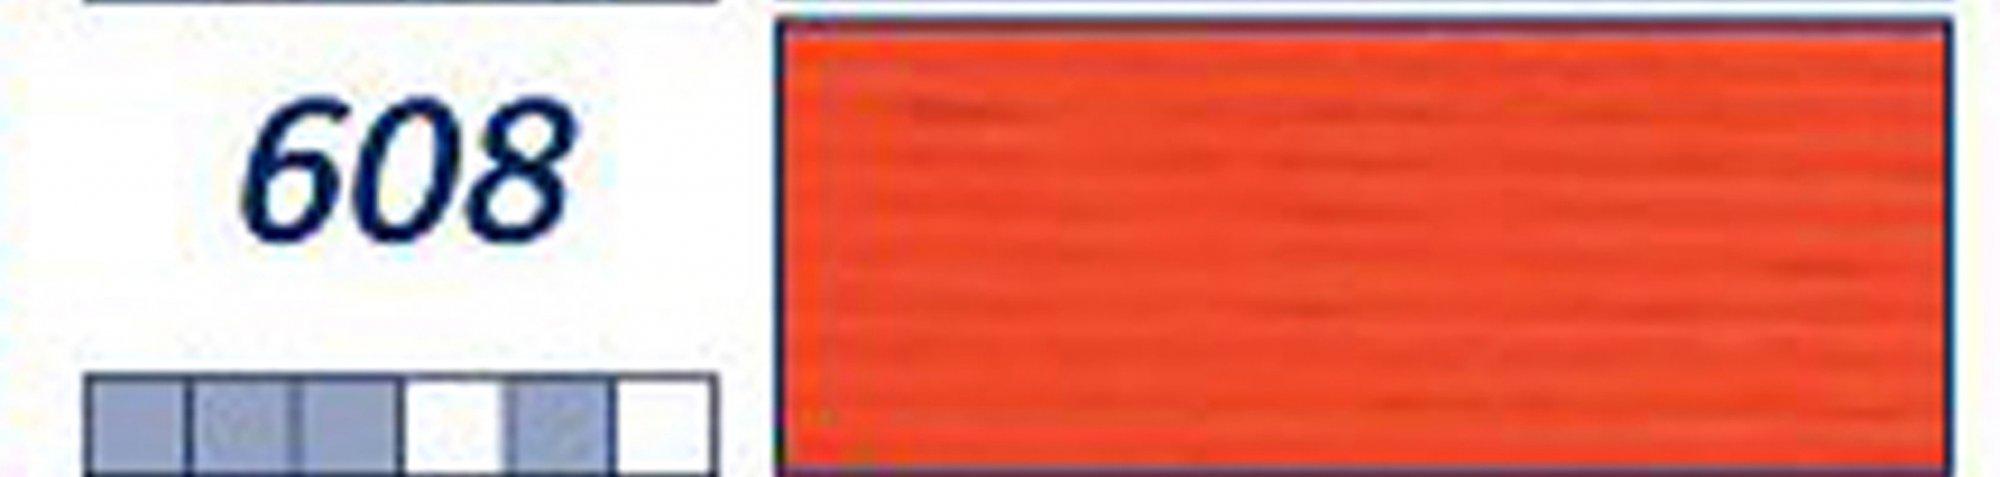 DP3-608-BRIGHT ORANGE